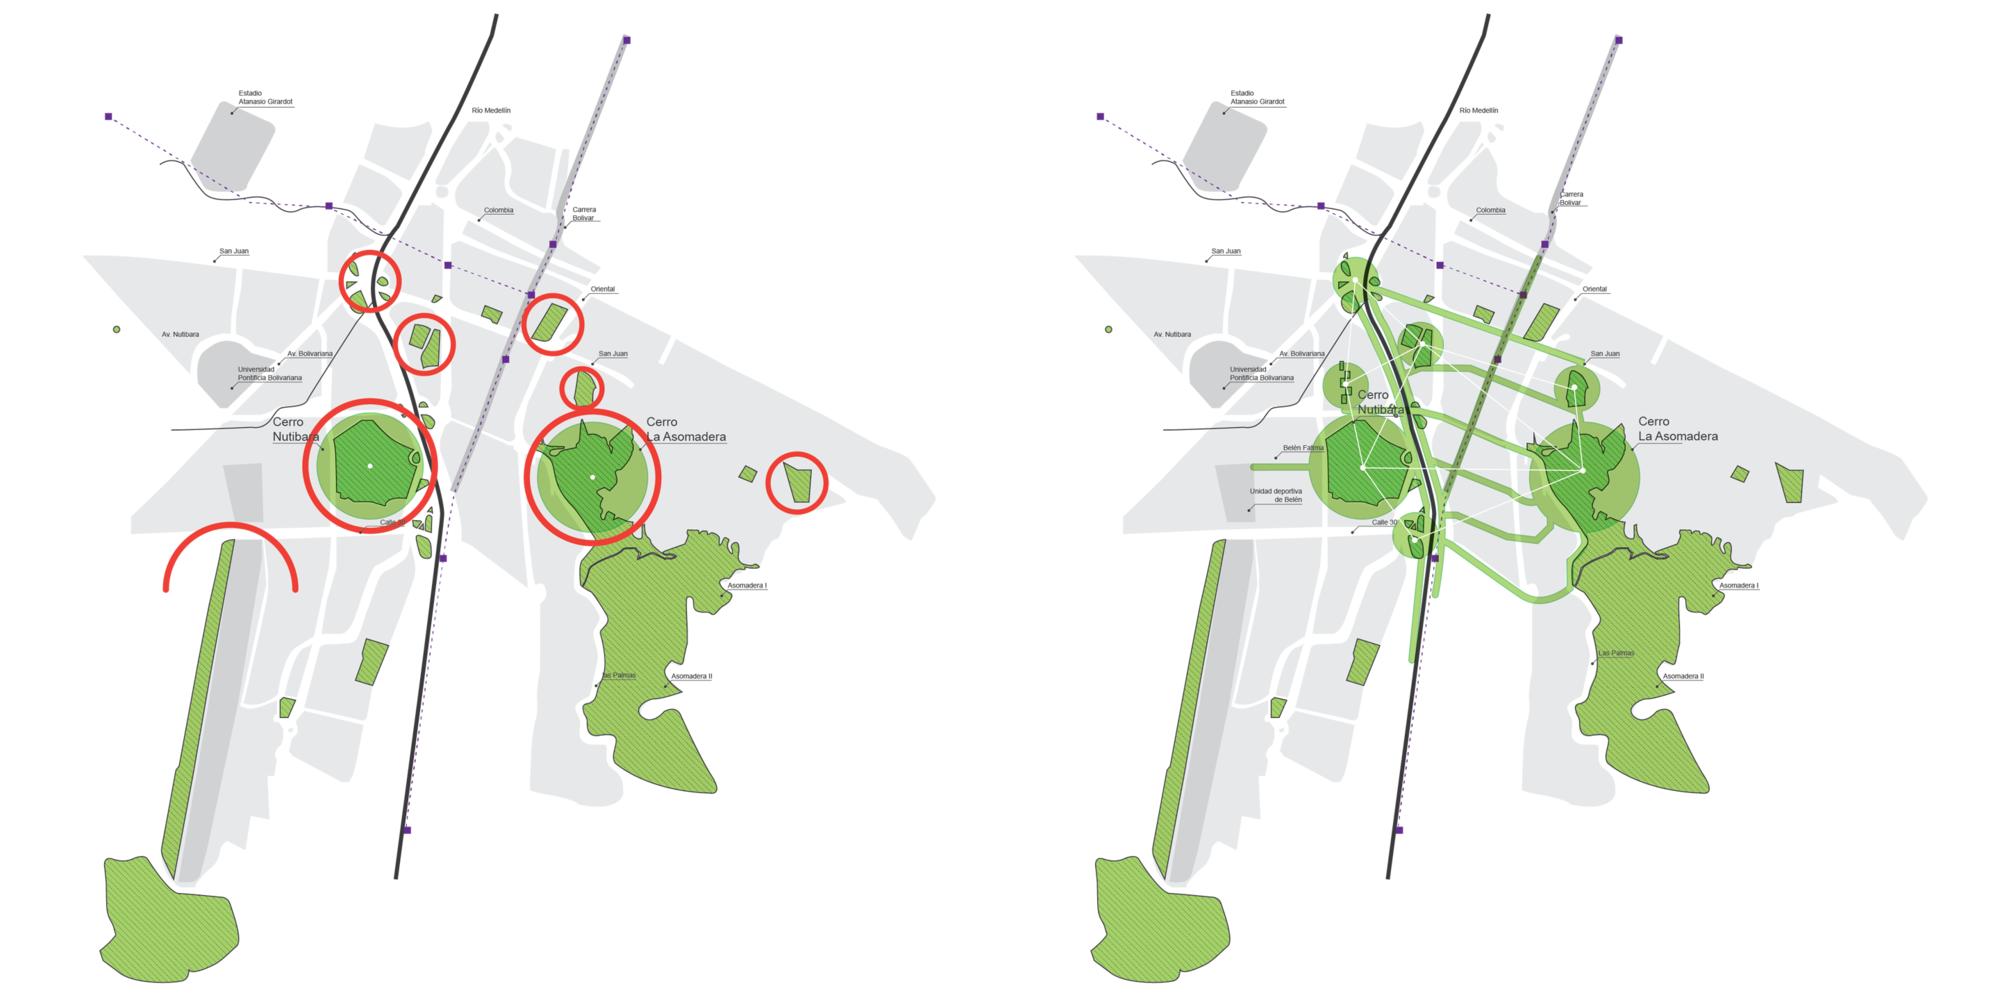 Conexión con la ciudad. Image Cortesia de Equipo Primer Lugar